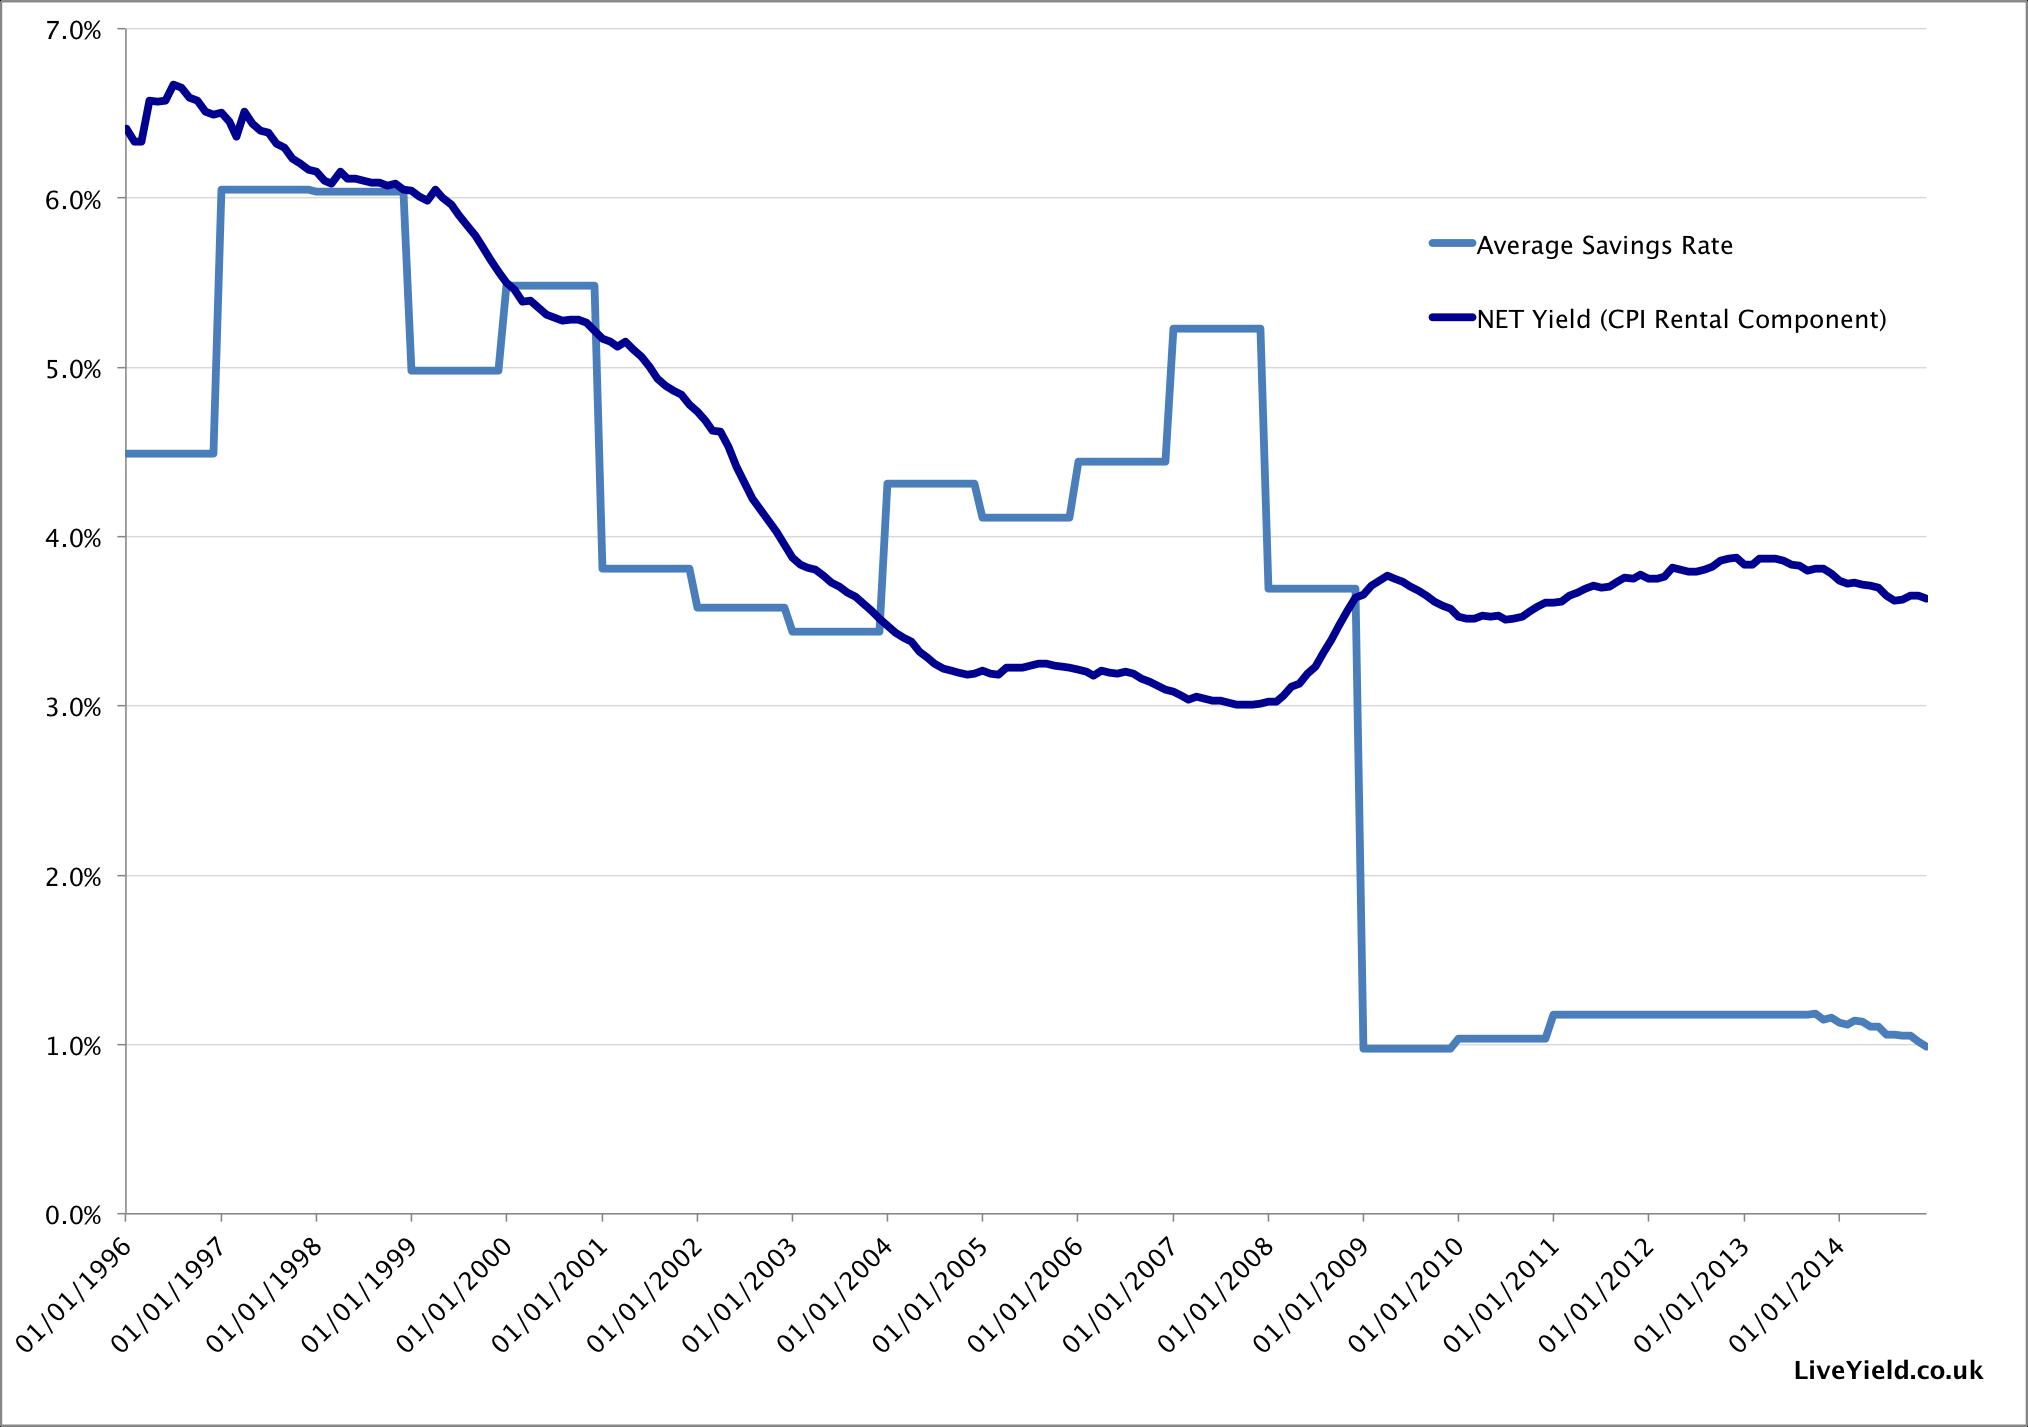 Average savings rate versus net buy-to-let yields